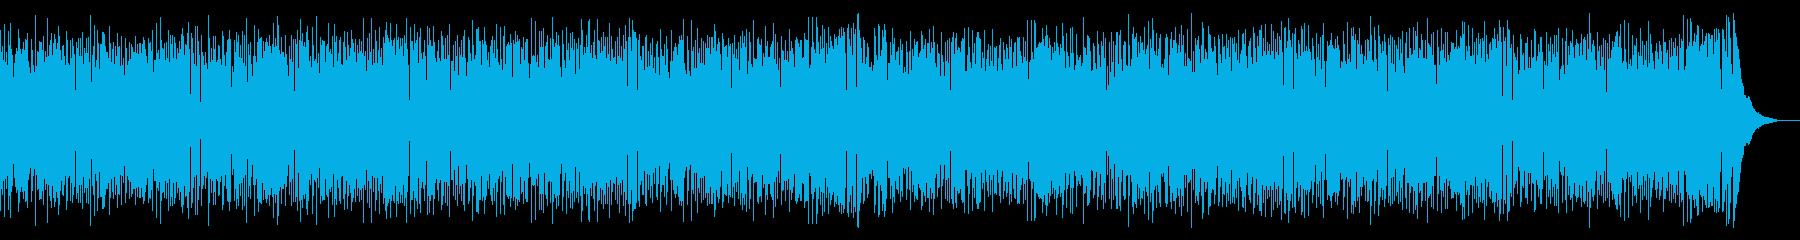 ボサノバの再生済みの波形